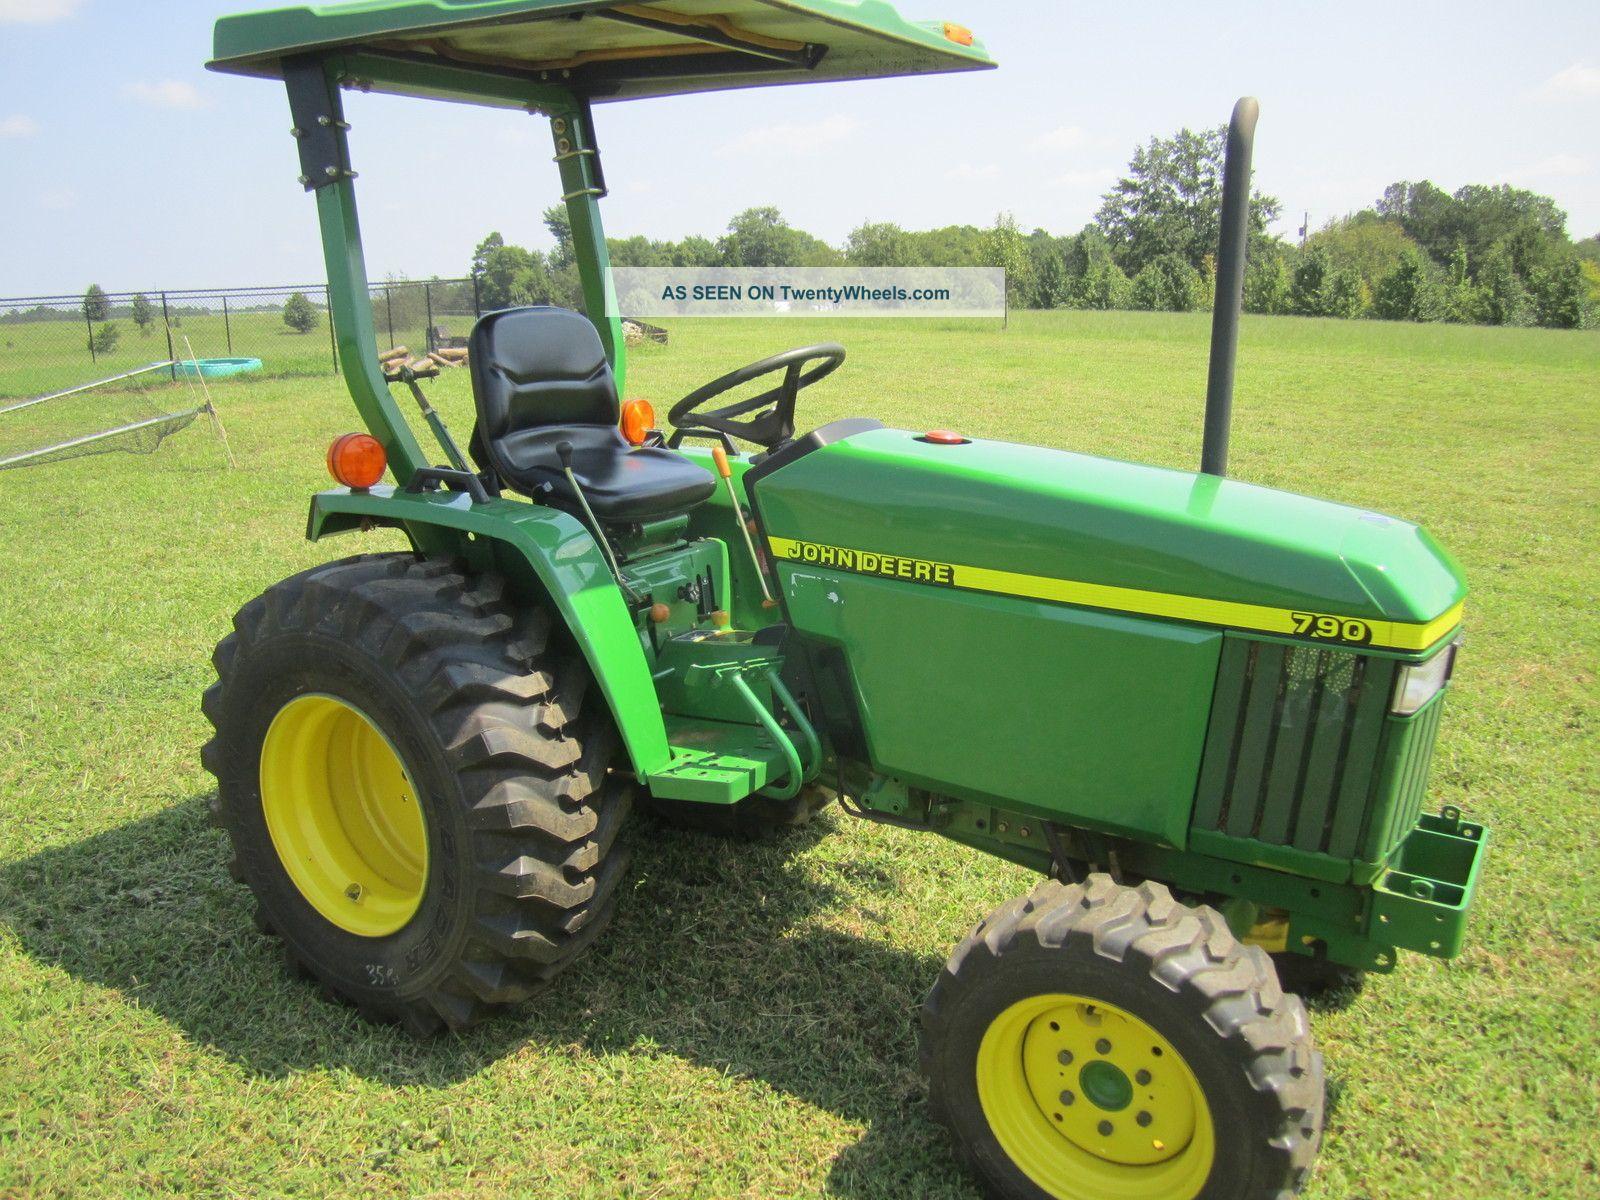 John Deere 790 Compact Tractor Best Deer Photos Wiring Diagrams 2001 30 Hp 4x4 Sel Rear Pto Power Steering